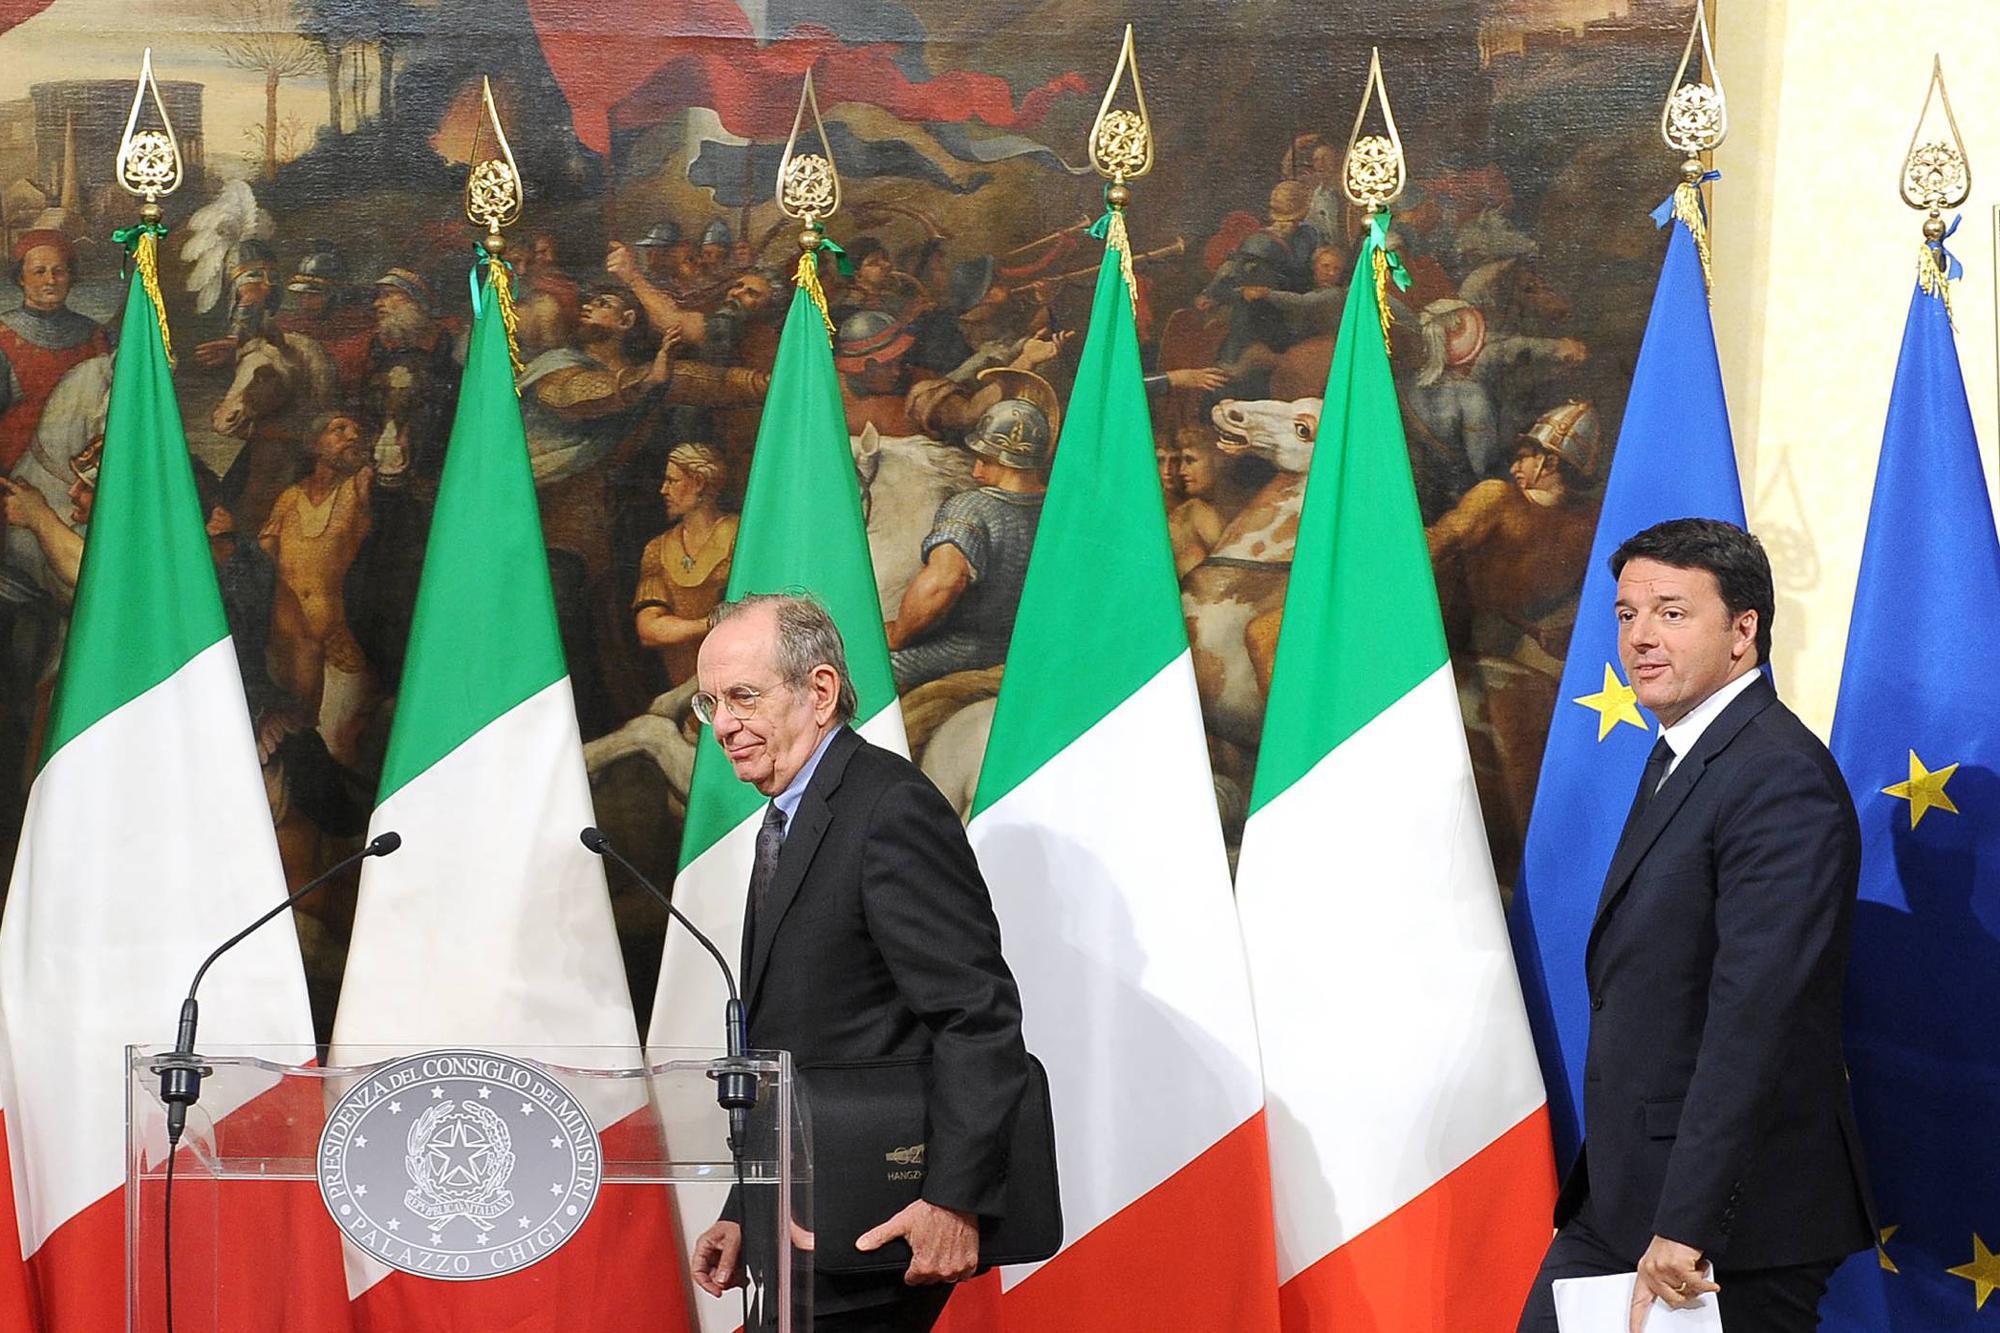 """L'Ue avverte l'Italia: """"La manovra rischia di non rispettare il patto"""""""